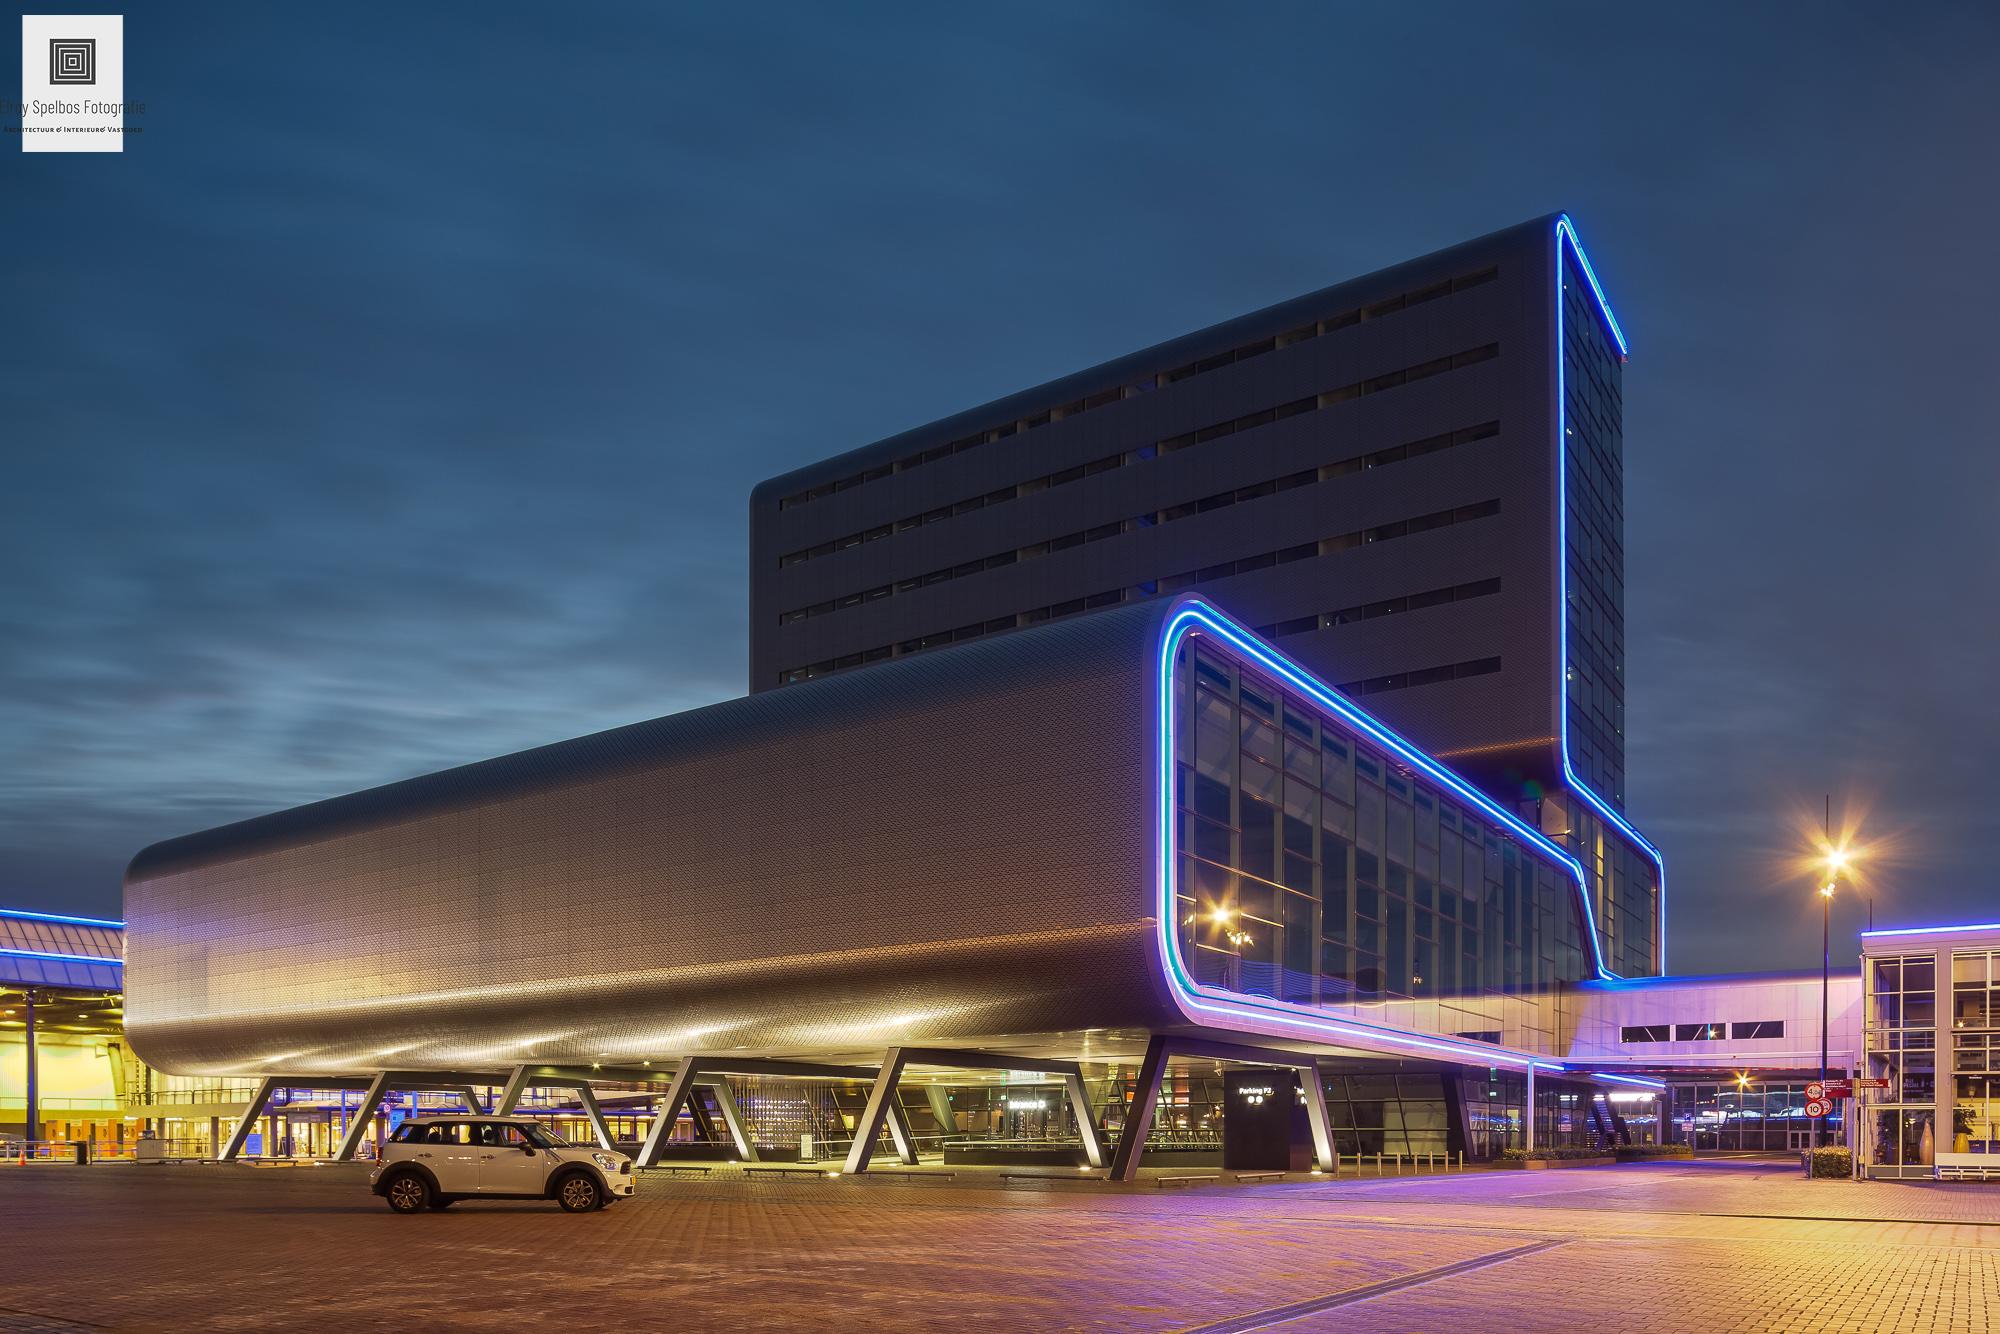 Foto gemaakt door Architectuurfotograaf Elroy Spelbos